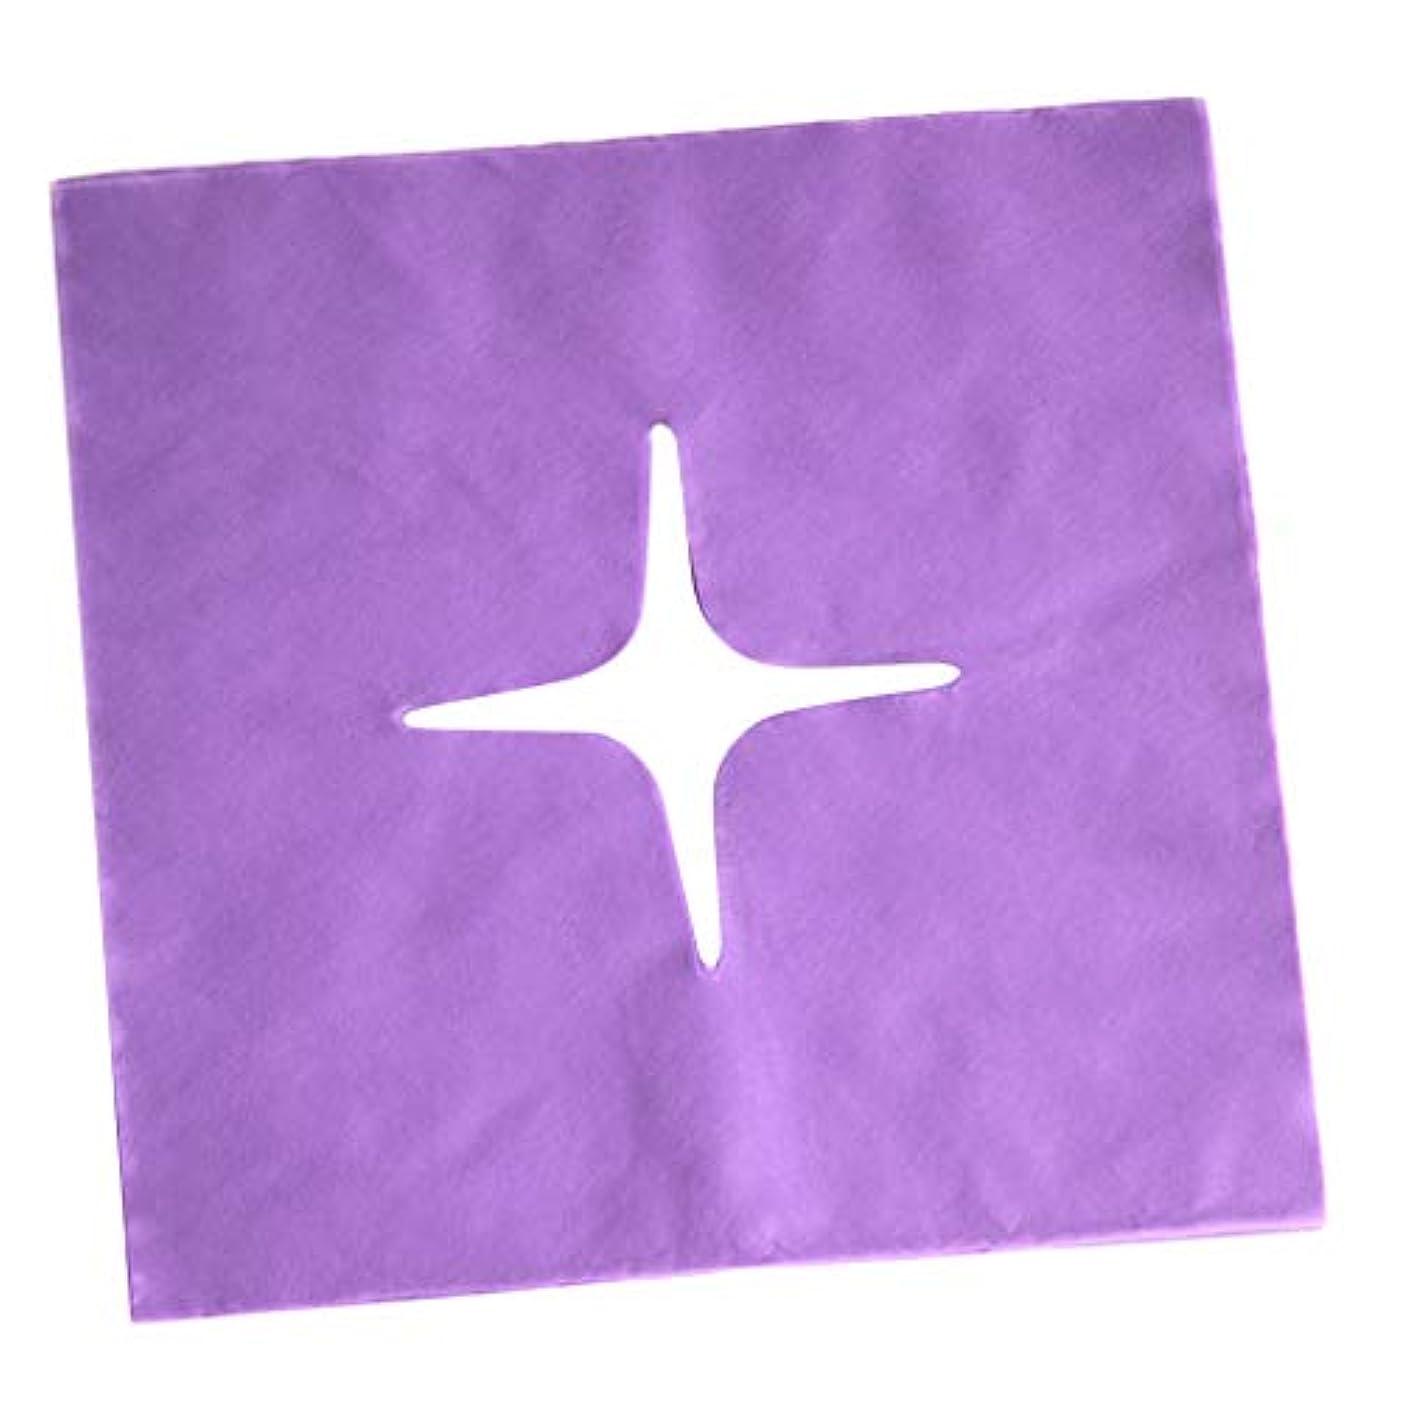 から聞く矩形味方Hellery フェイスクレードルカバー マッサージフェイスカバー 使い捨て マッサージ用 美容院 サロン 全3色 - 紫の